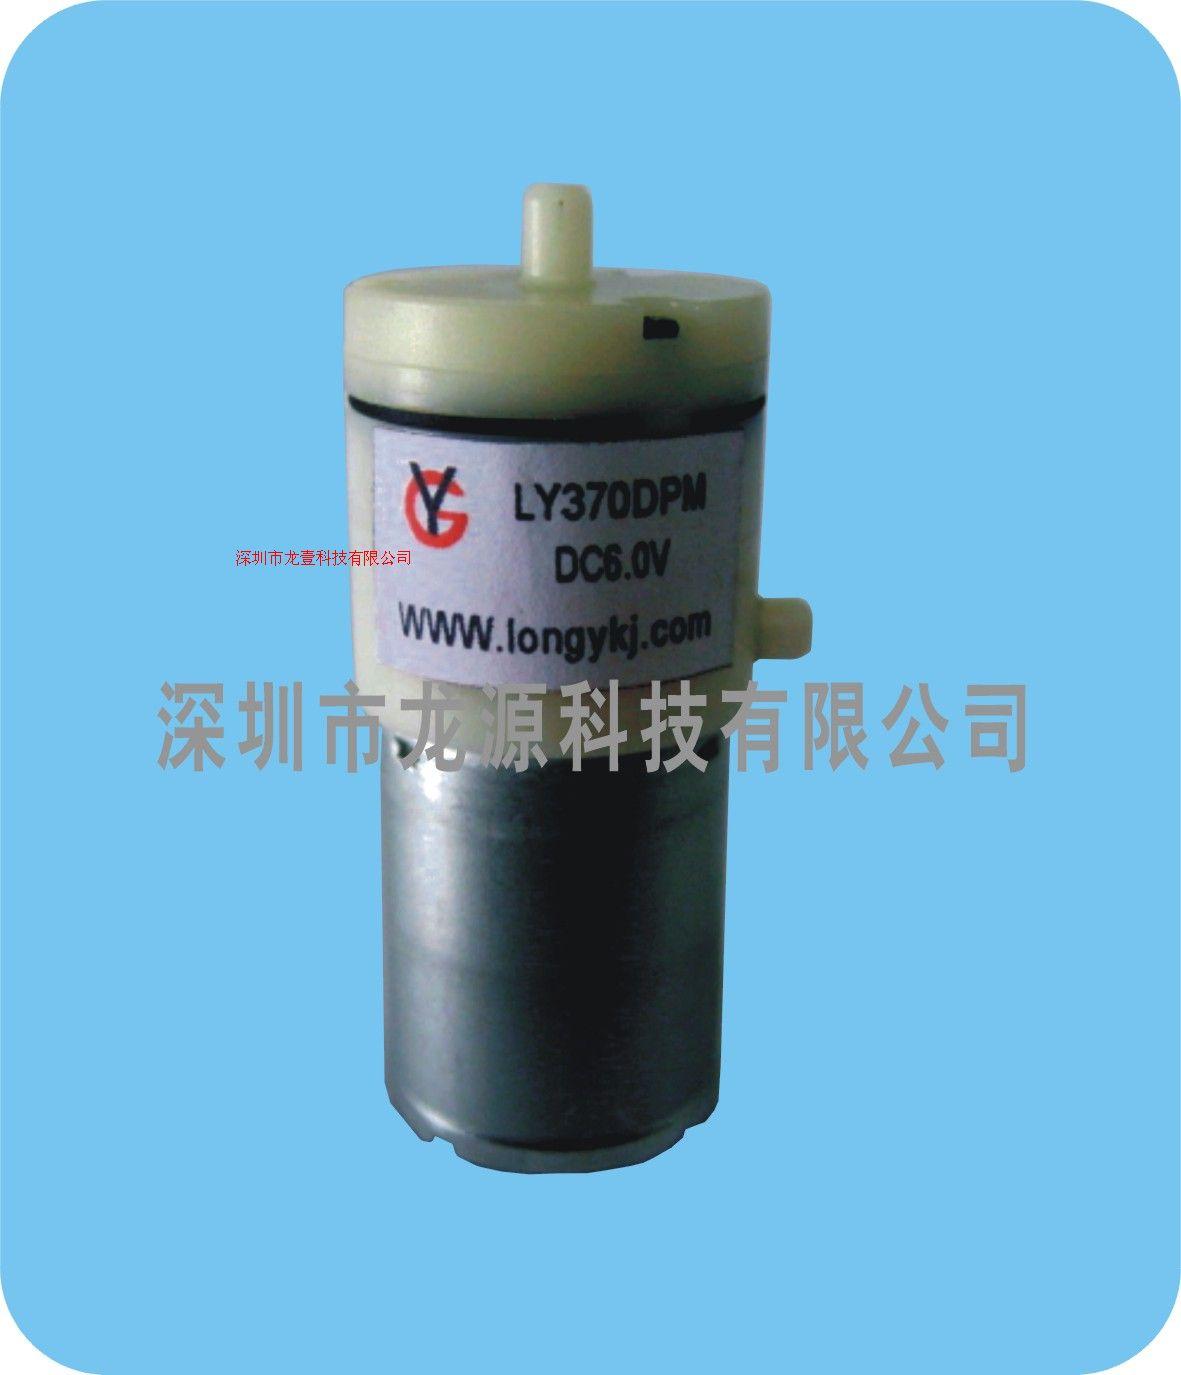 微型抽气泵LY370DPM